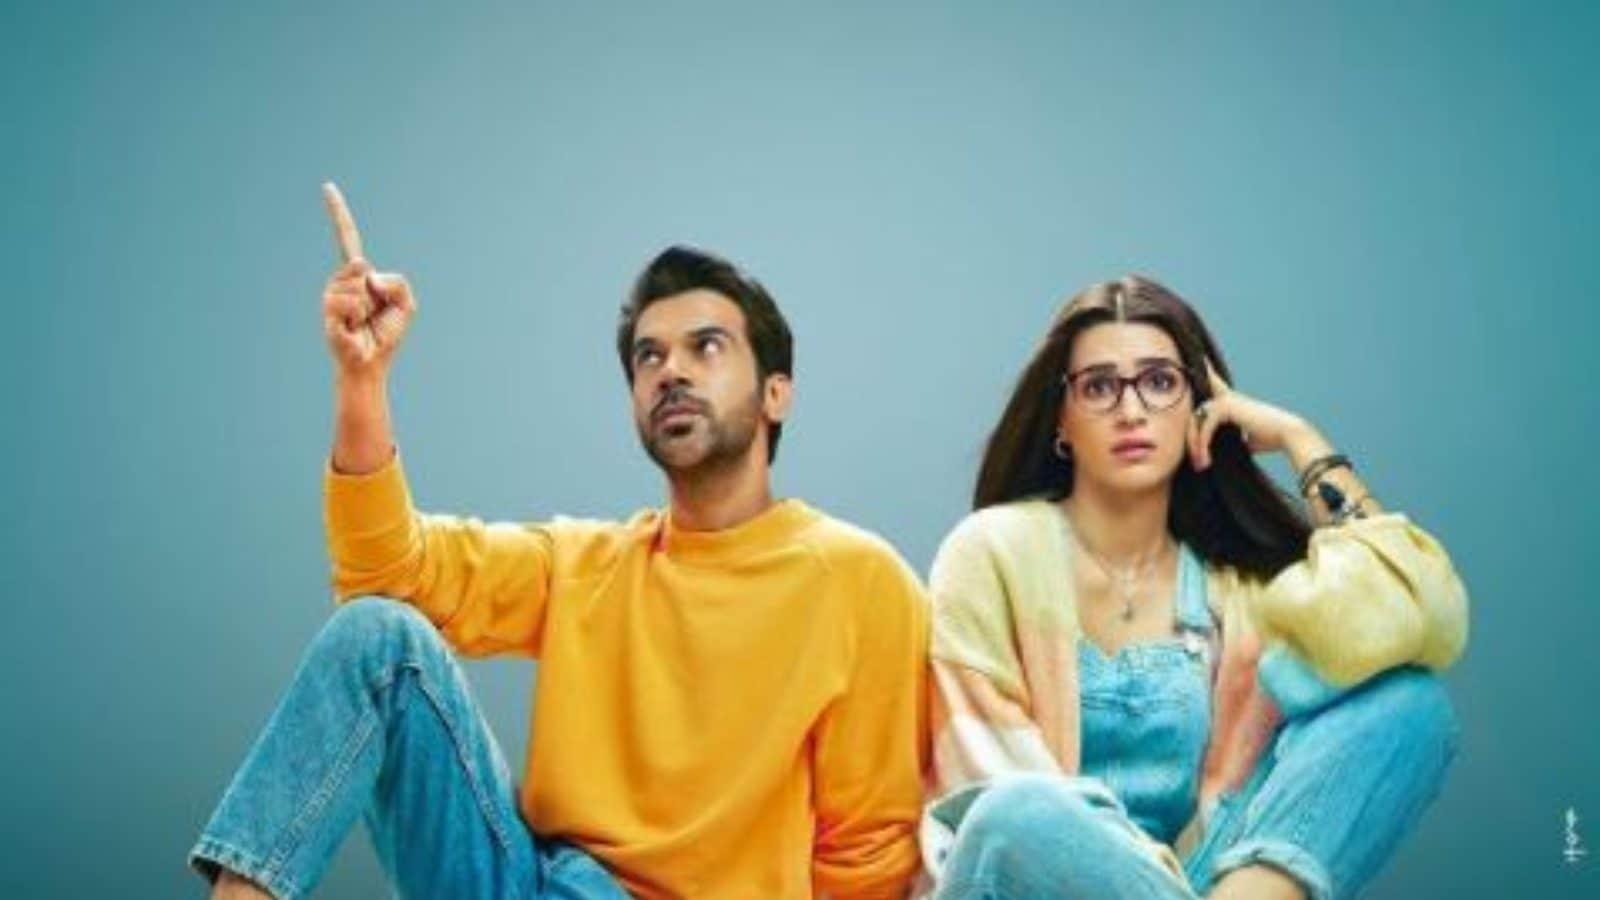 Kriti Sanon, Rajkummar Rao Tease Fans With New Look Poster: Hero Kya Karega?